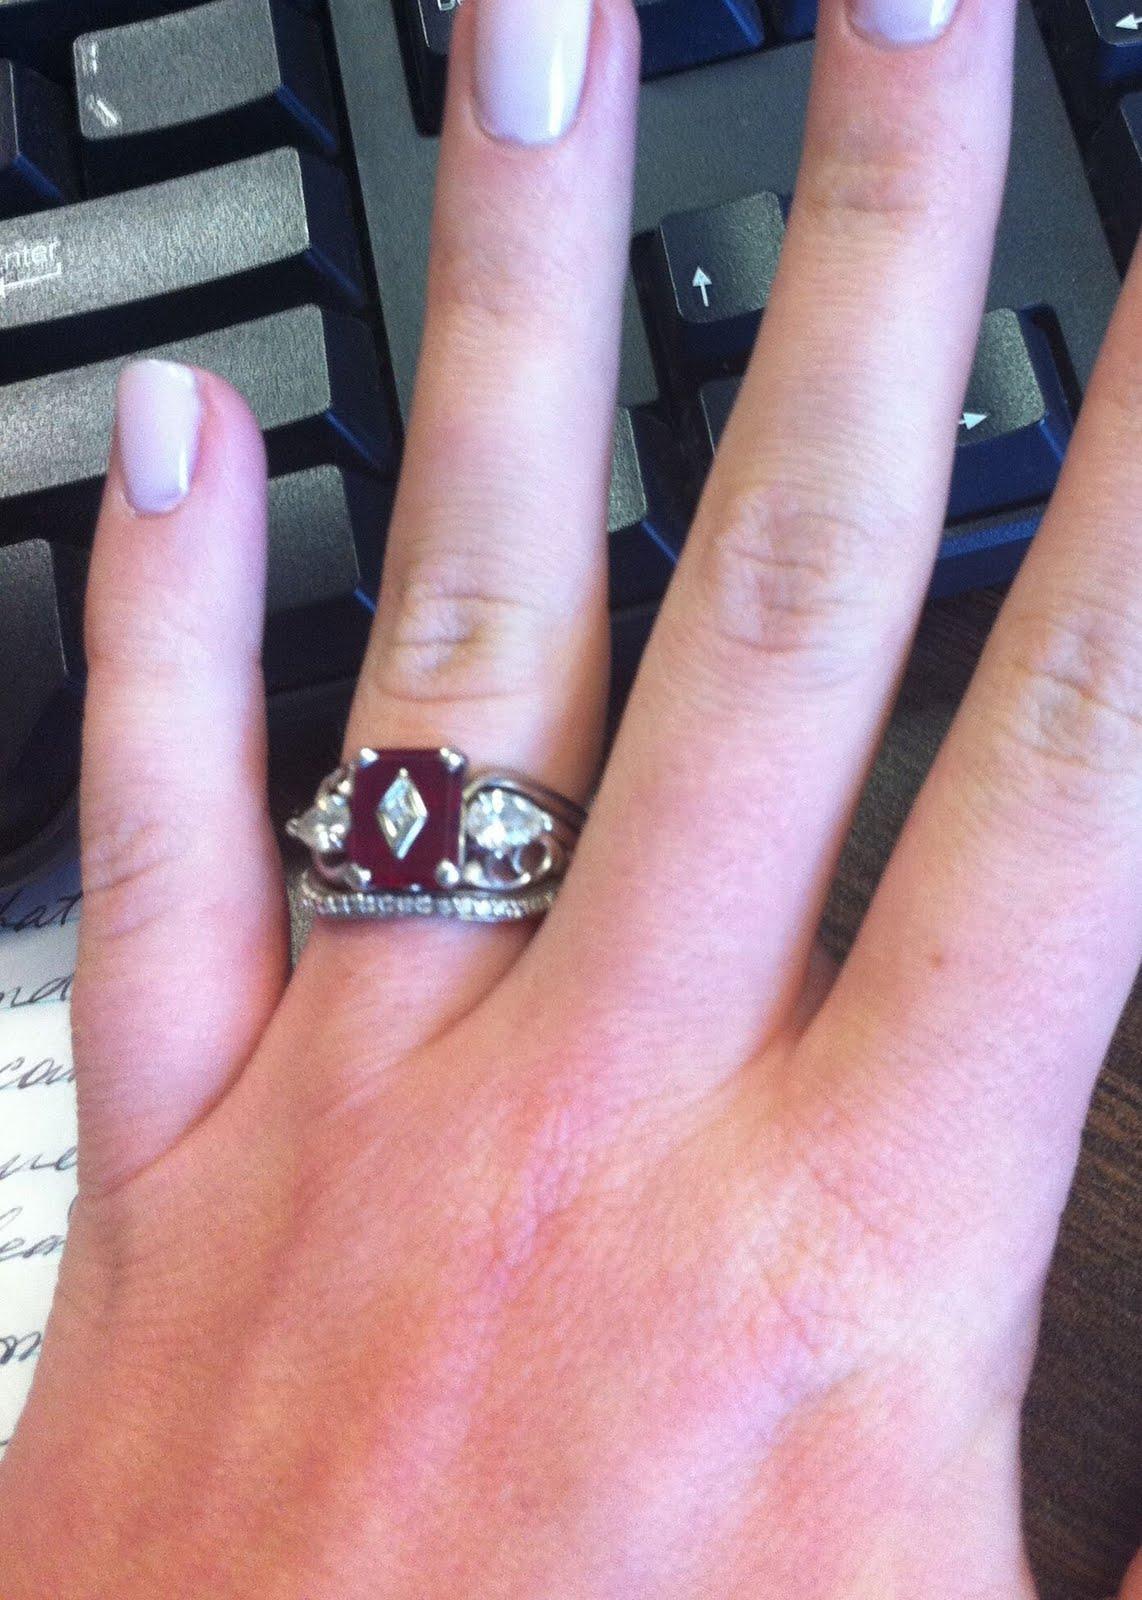 Kanyon and Erika: My Wedding Ring